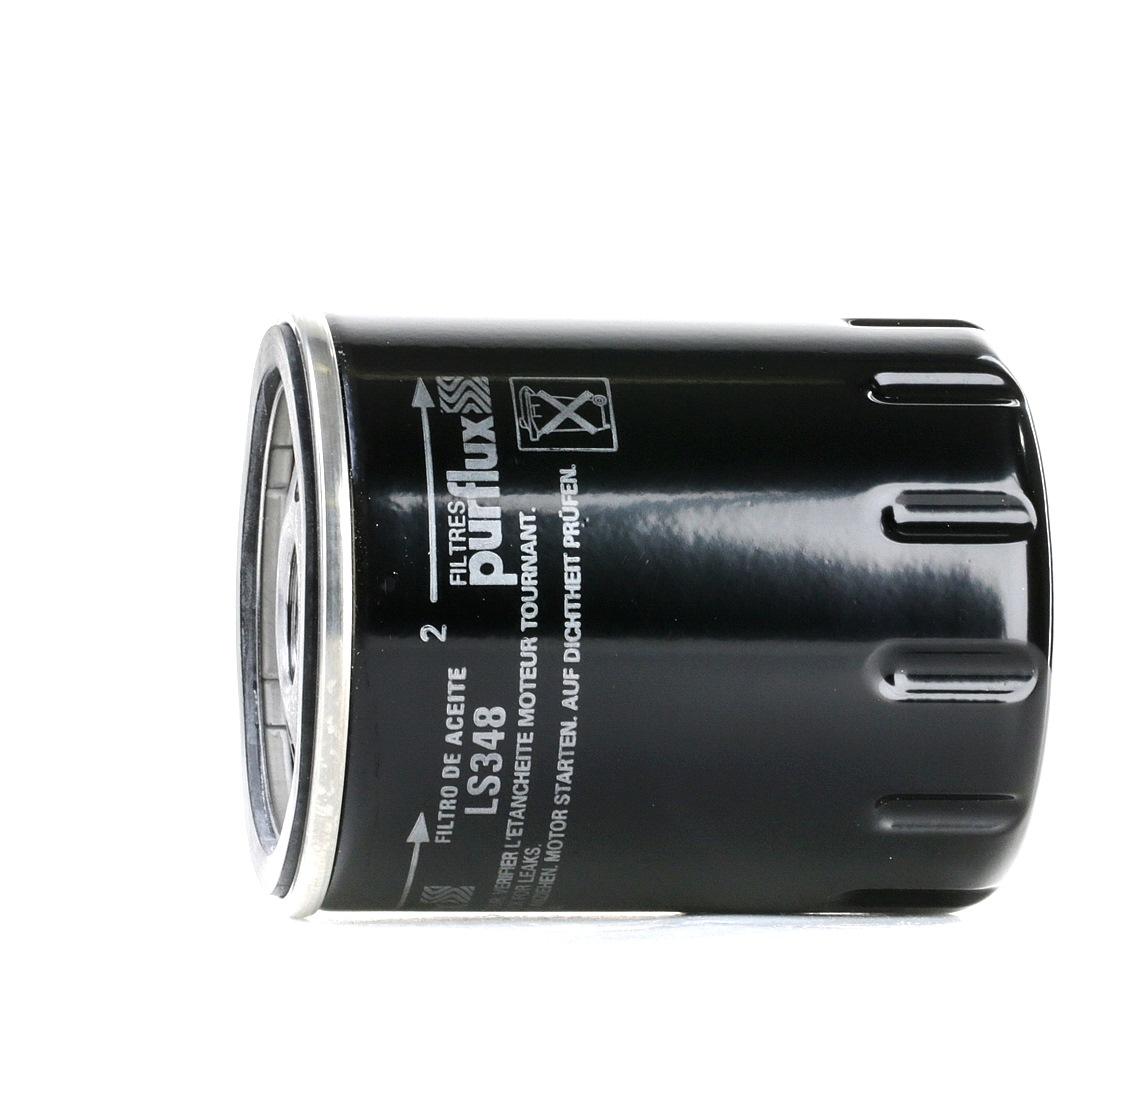 Pieces d'origine: Filtre à huile PURFLUX LS348 (Ø: 76mm, Hauteur: 100mm) - Achetez tout de suite!